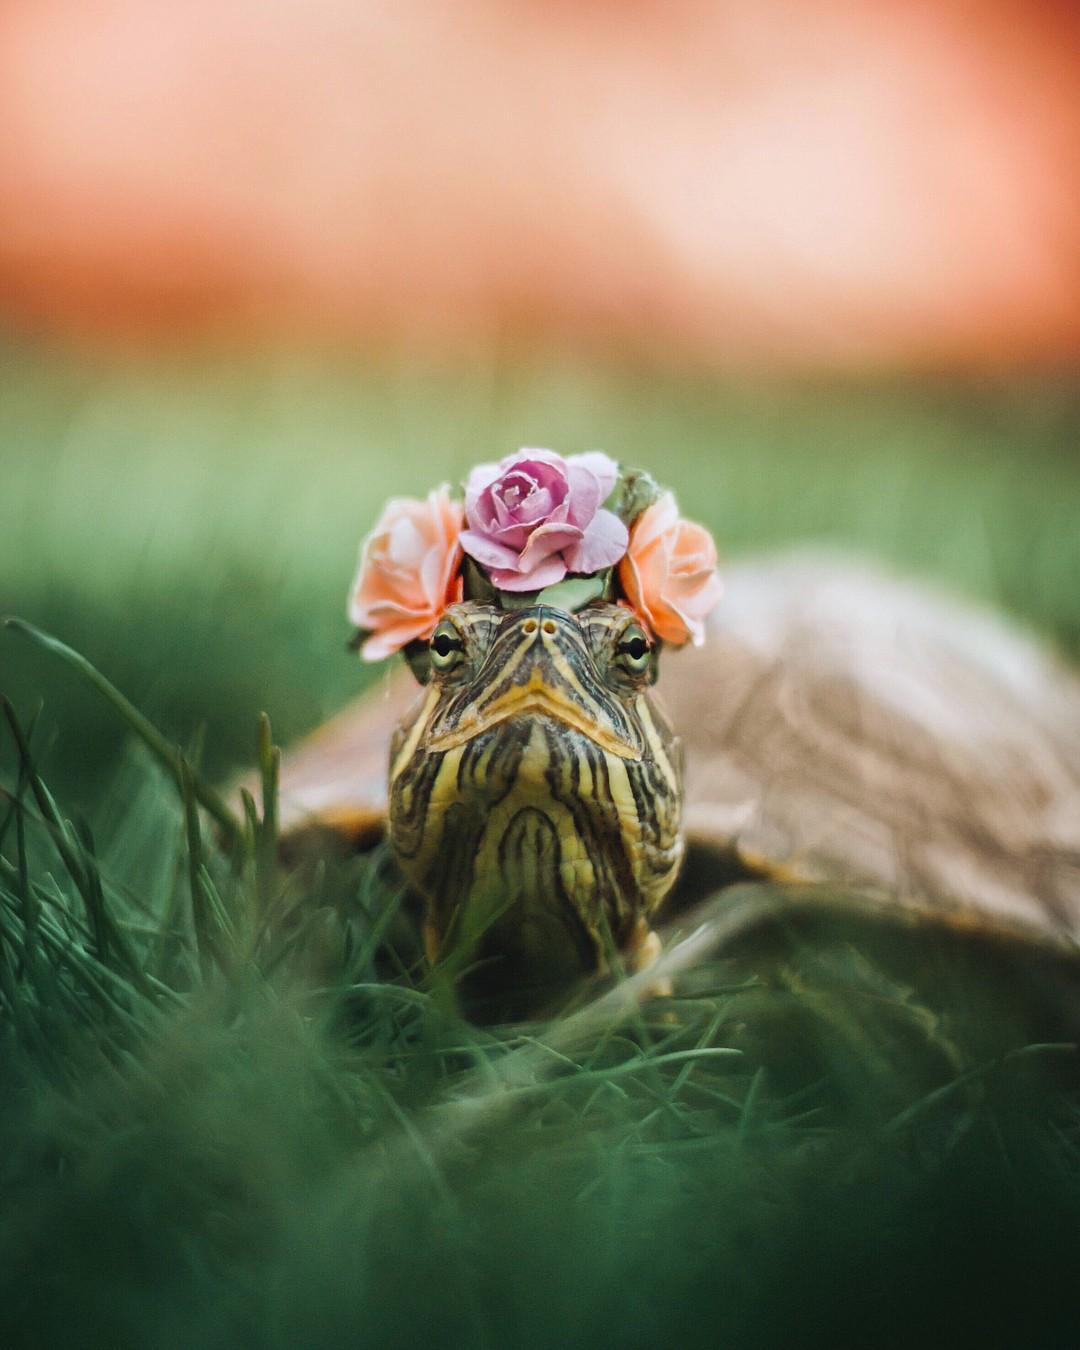 Cuộc sống sang chảnh của 2 chú rùa tai đỏ đang chiếm trọn trái tim người dùng Instagram - Ảnh 1.